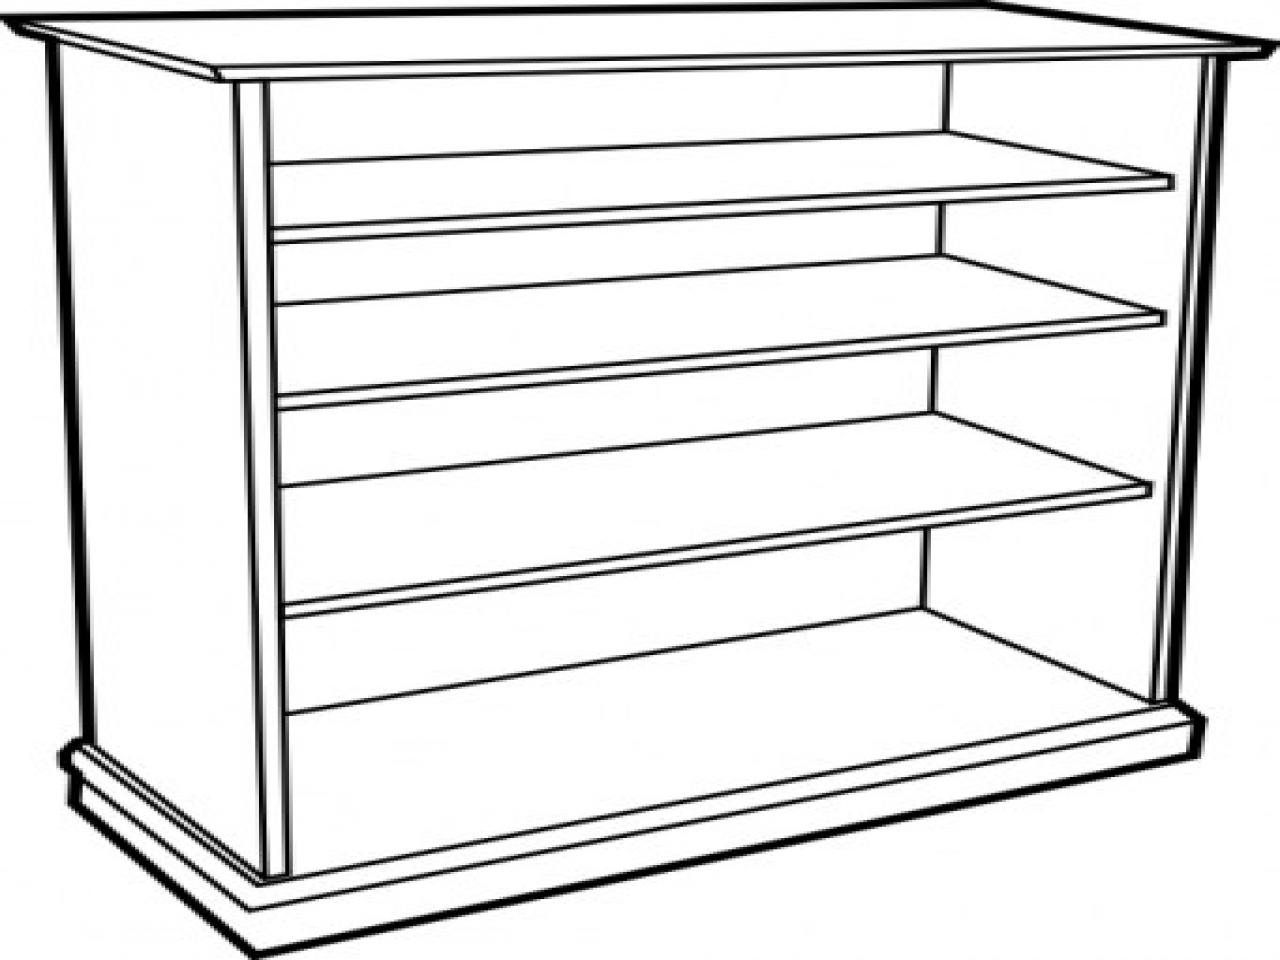 Bookcase Clipart.